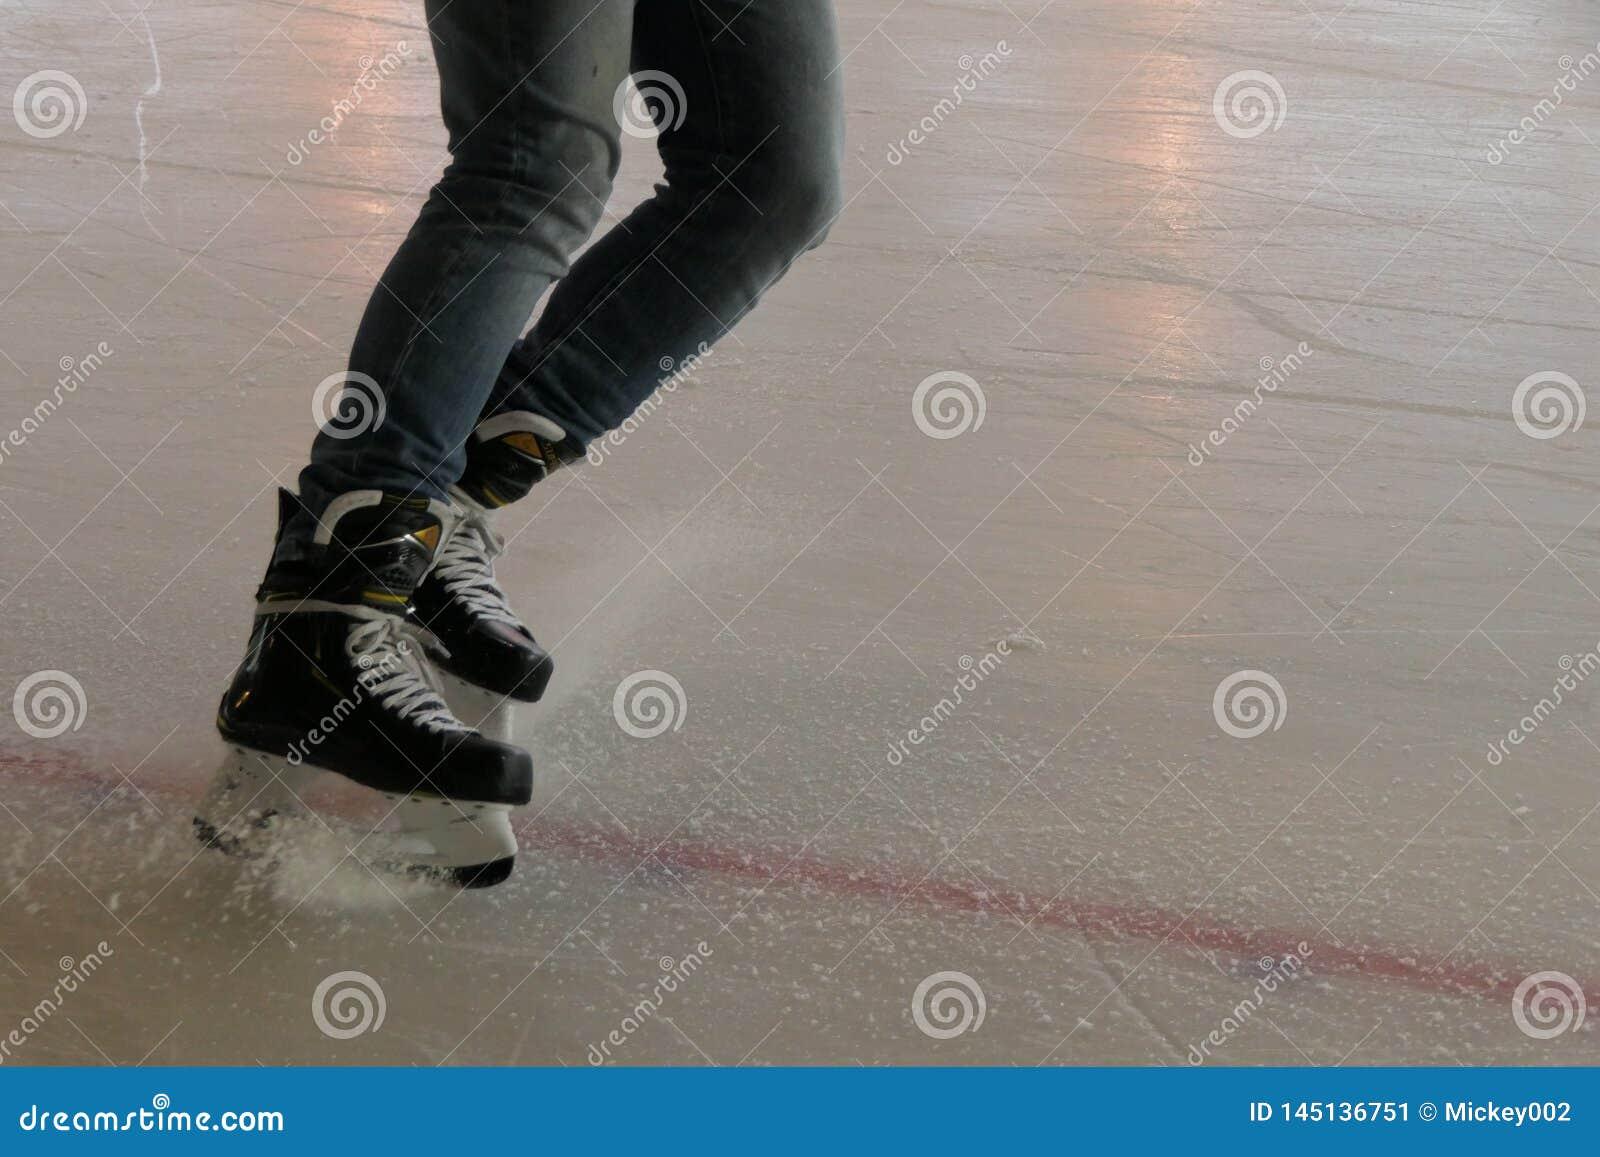 Hockeyhalt, brechend auf Eis